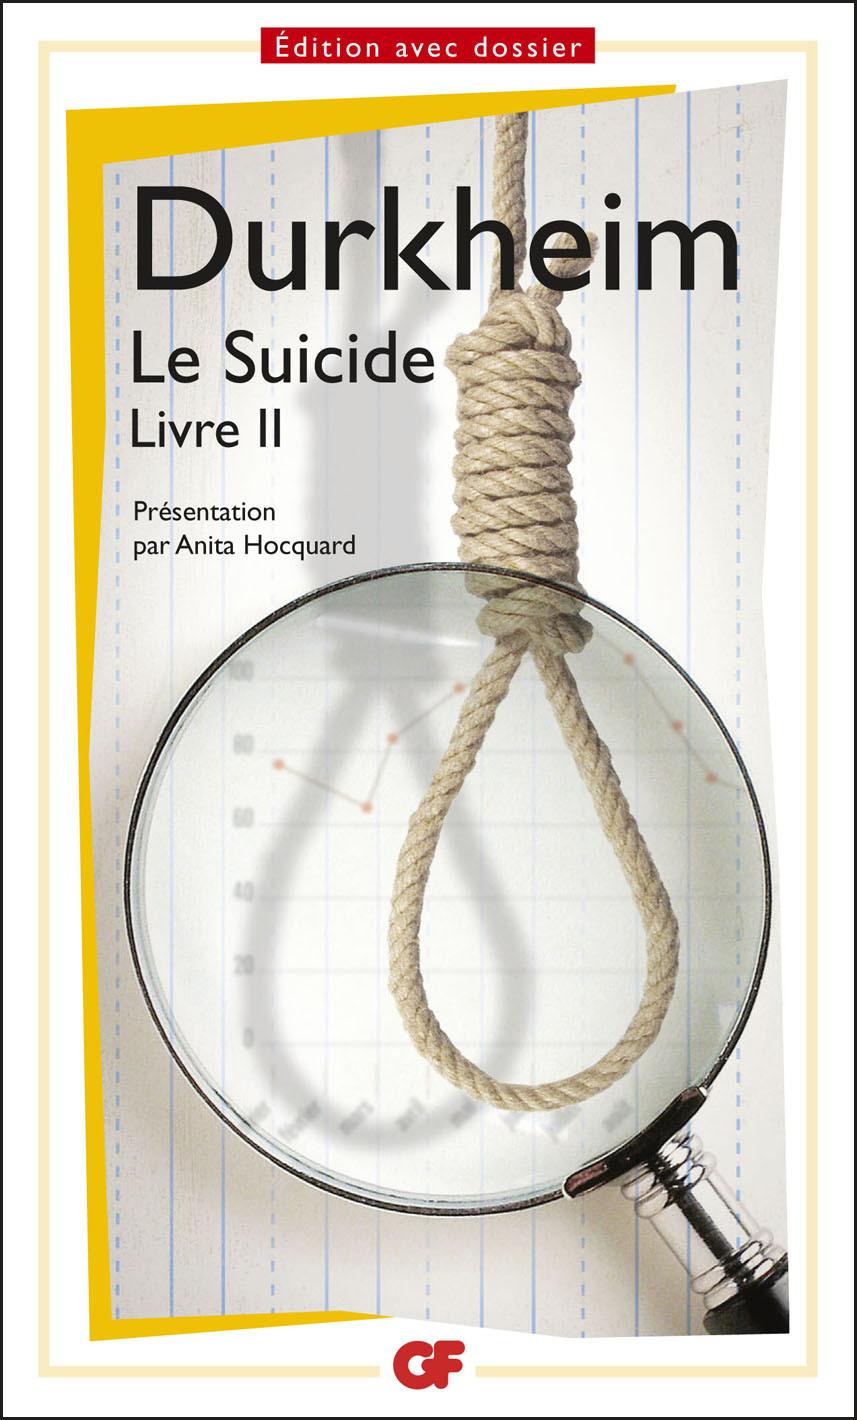 Le Suicide (Livre II)